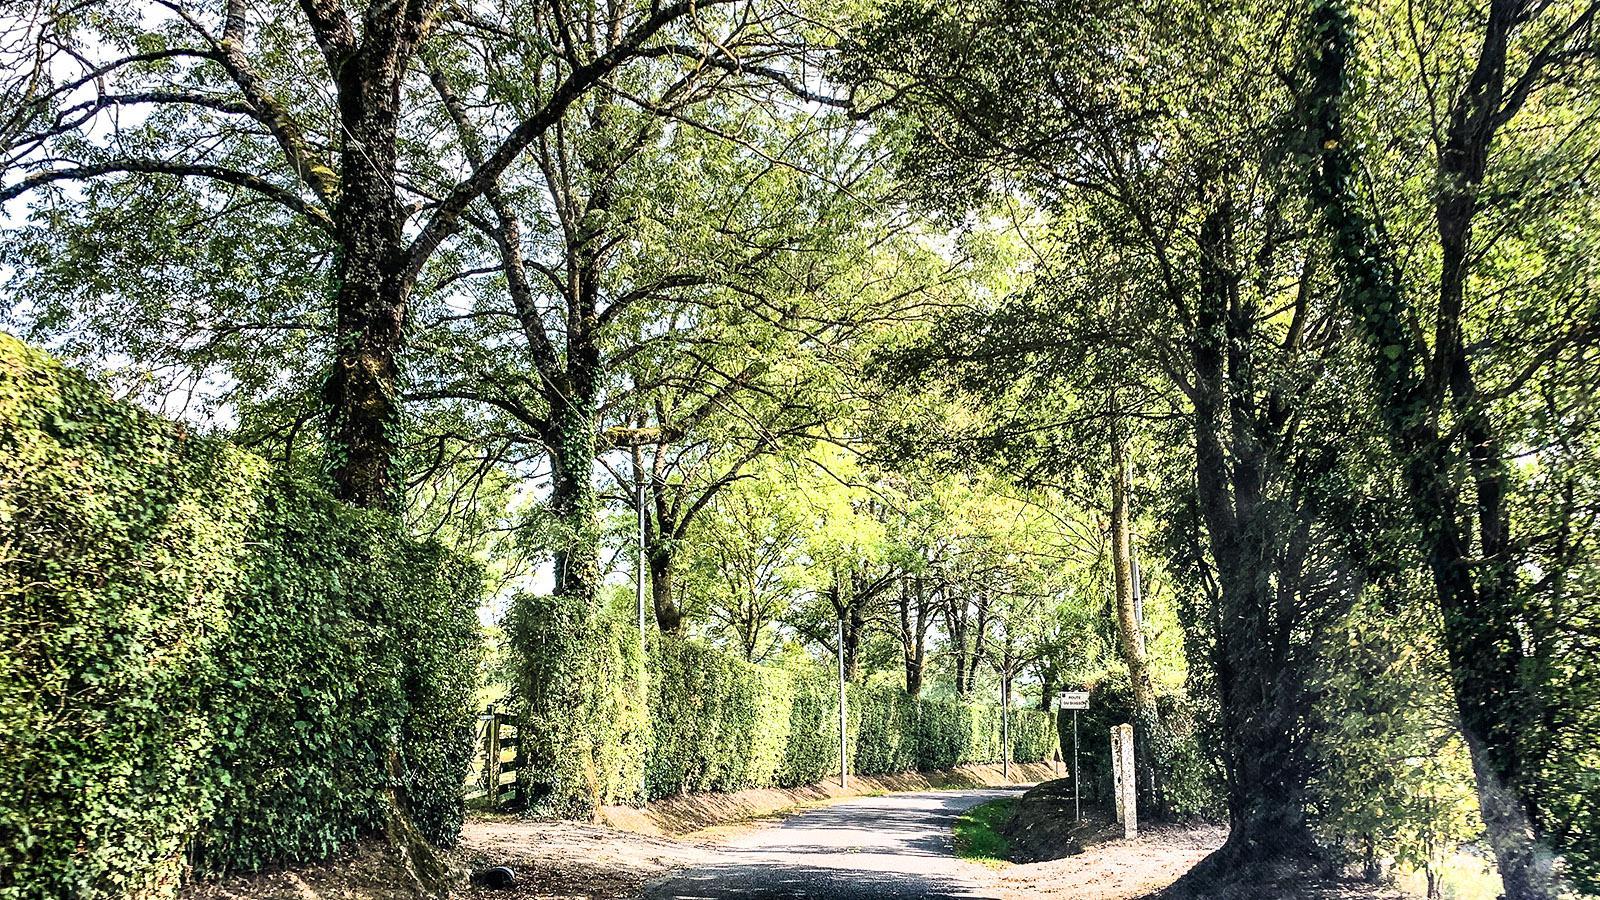 Mitunter mitten durch große Gestüte, auf denen edle Rösser gezüchtet werden, führen im Pays d'Auge die Straßen.